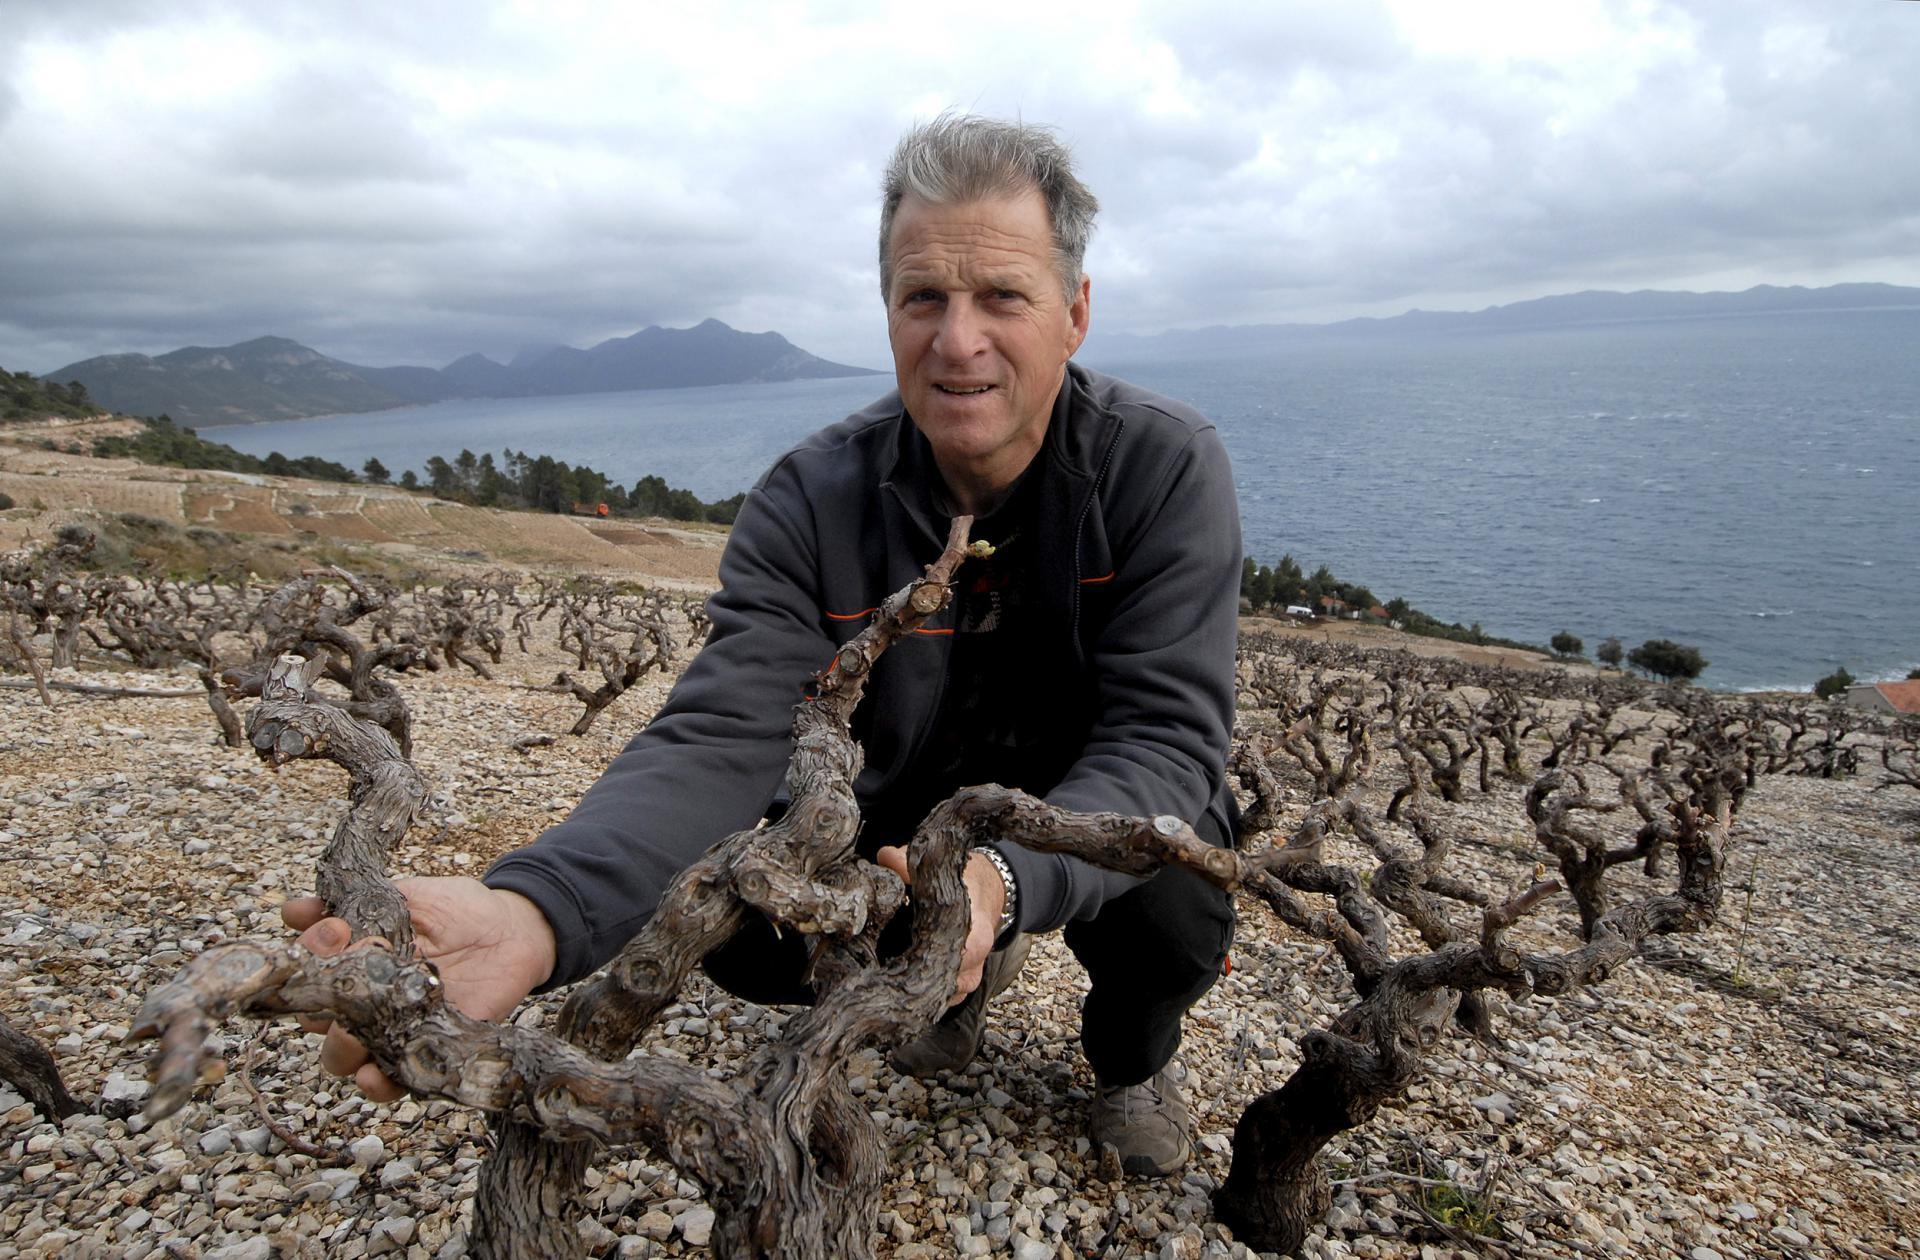 Ivo Skaramuča u svom vinogradu na predjelu Dingač na južnoj strani Pelješca